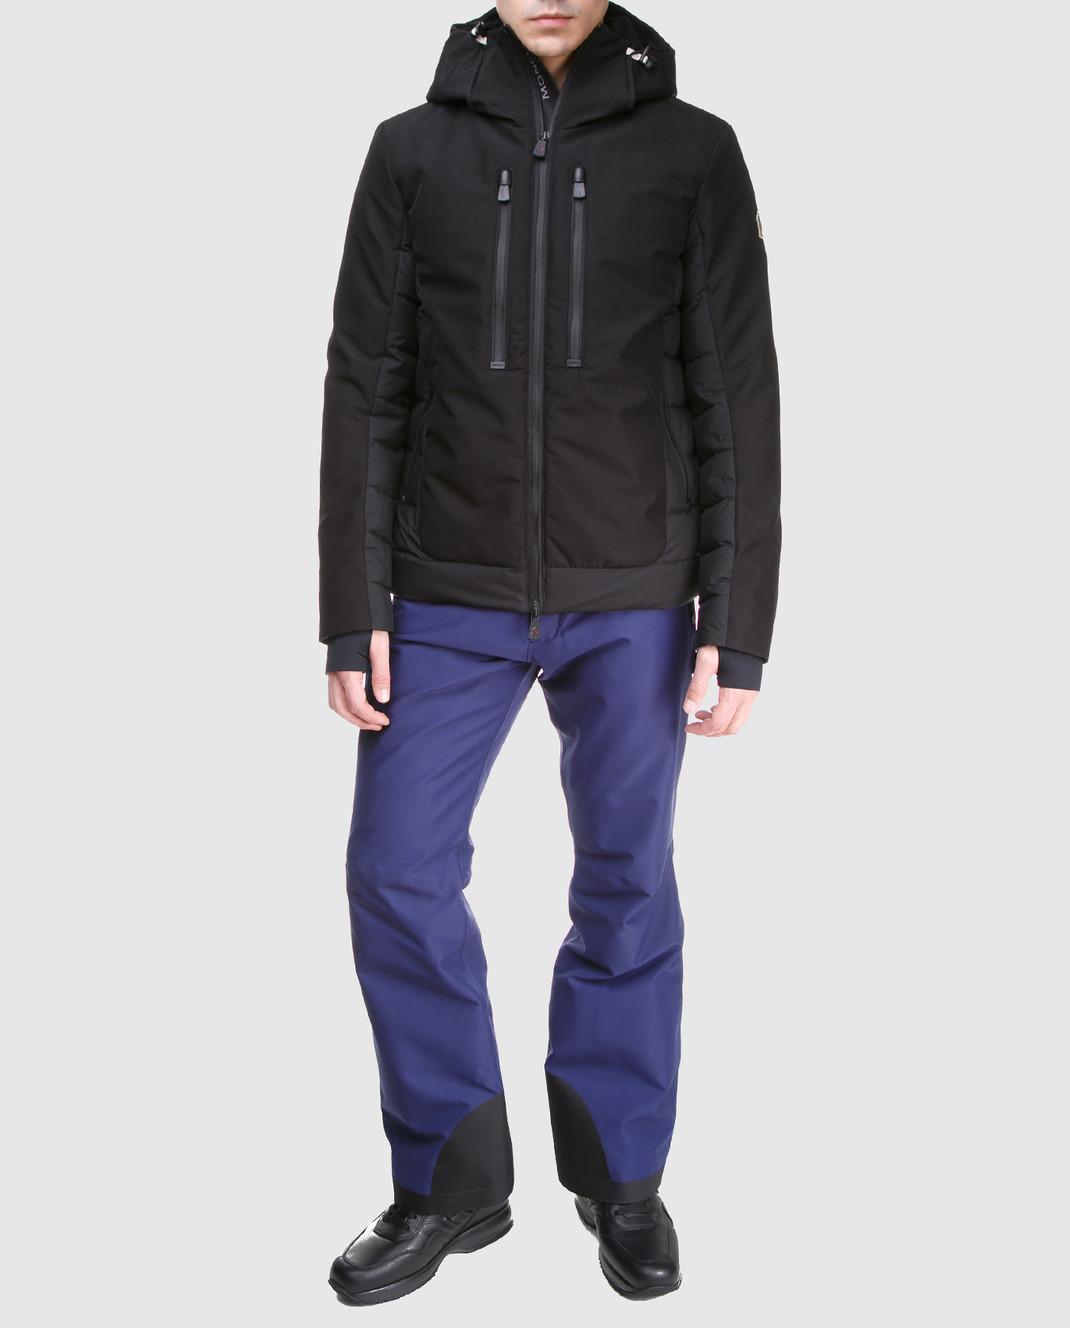 Moncler Grenoble Синие лыжные брюки 11410 изображение 2